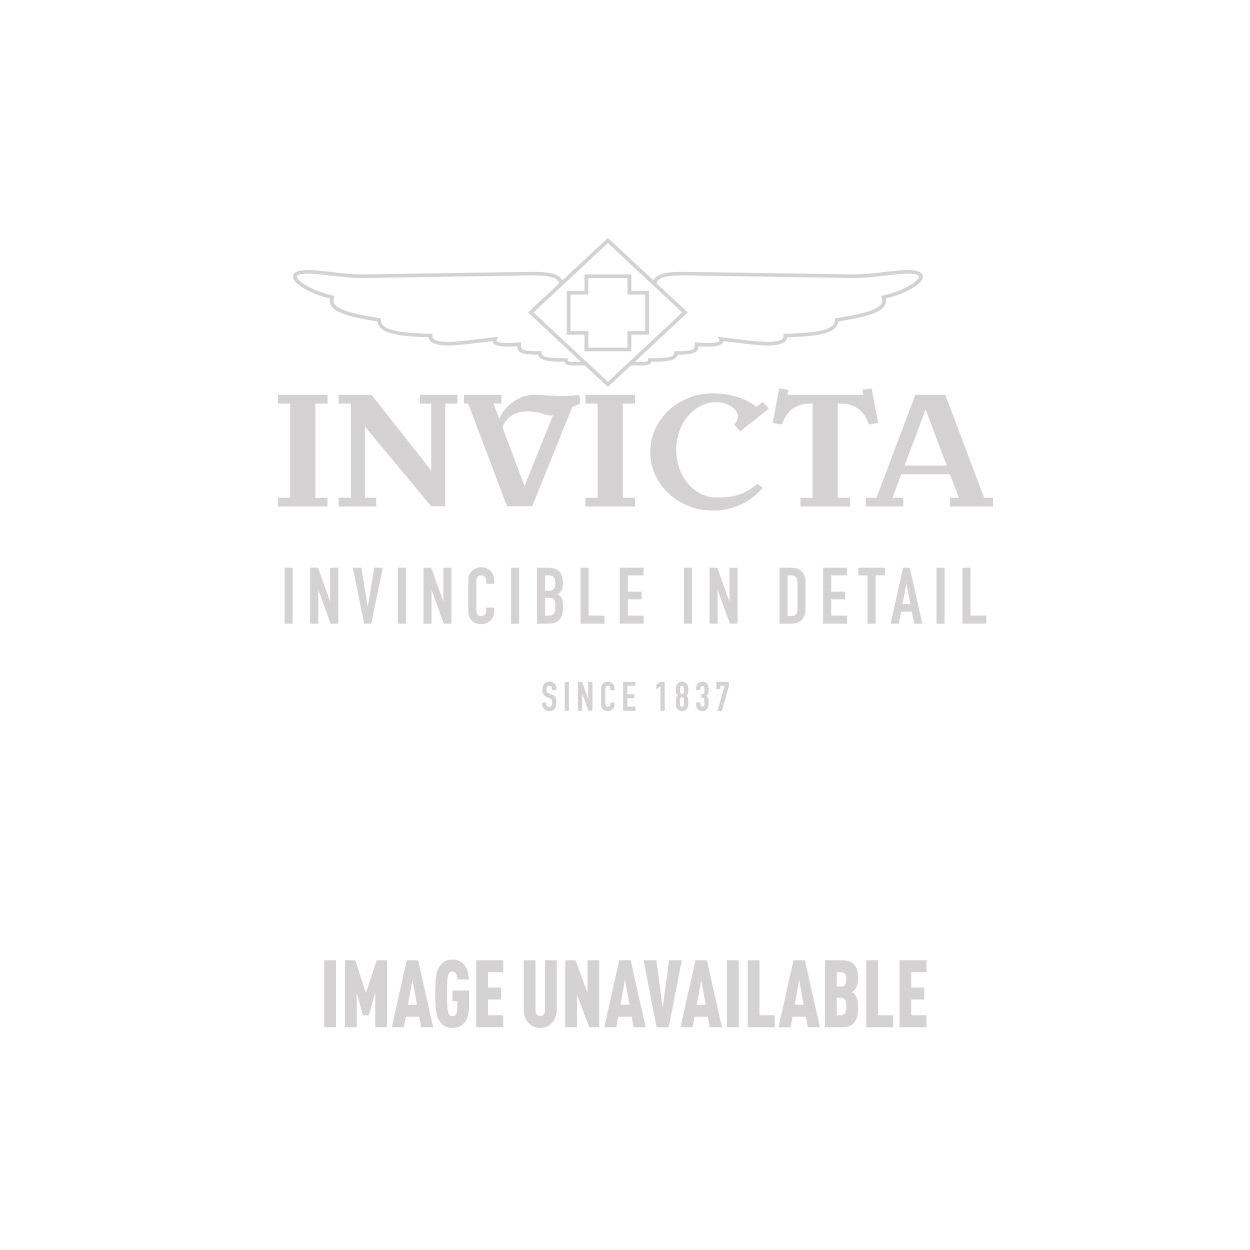 Invicta Model 25505